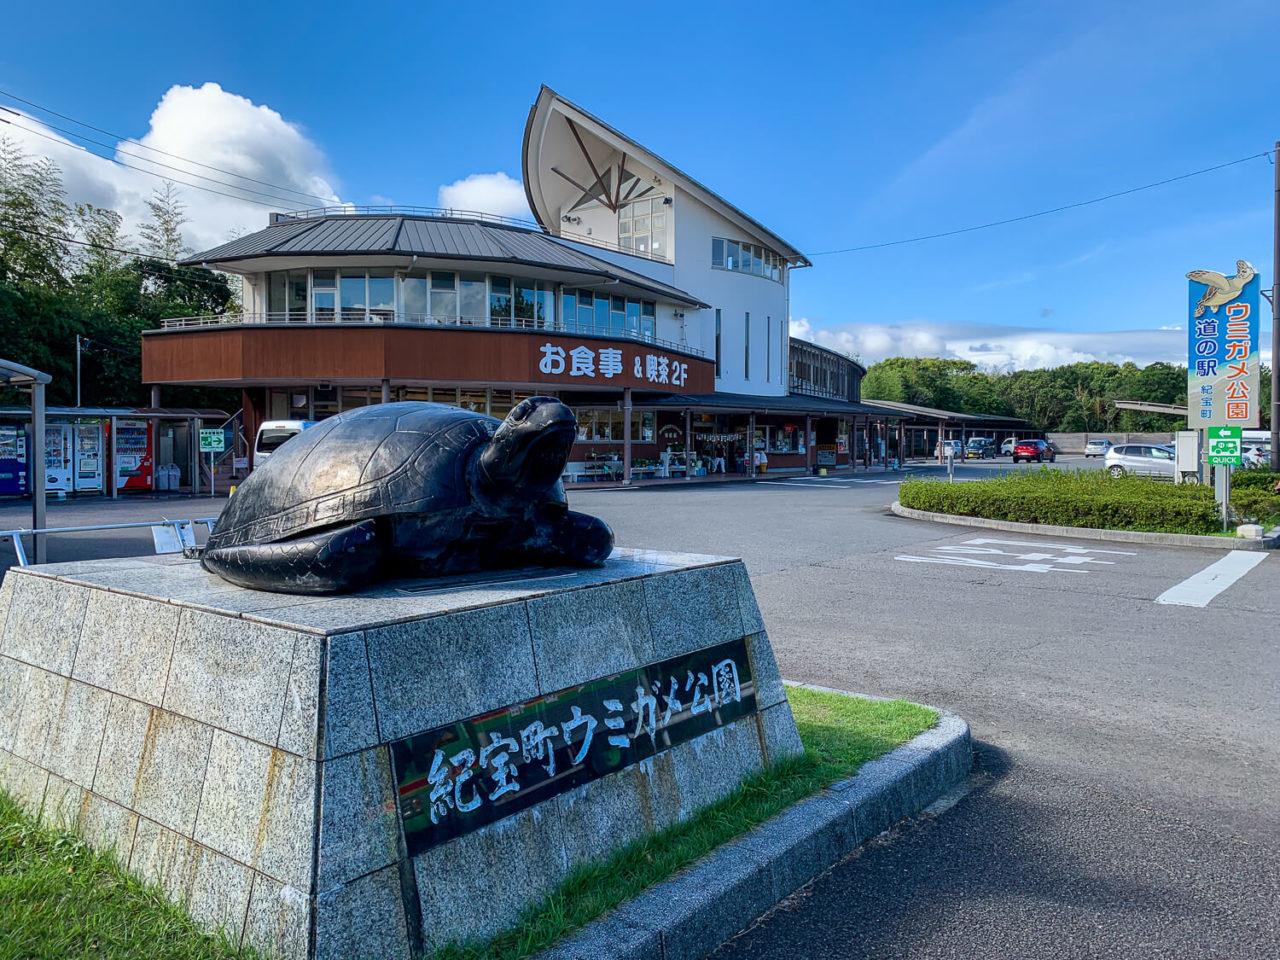 三重県紀宝町のお土産 マイヤーレモンキャンディ 松屋製菓 道の駅ウミガメ公園